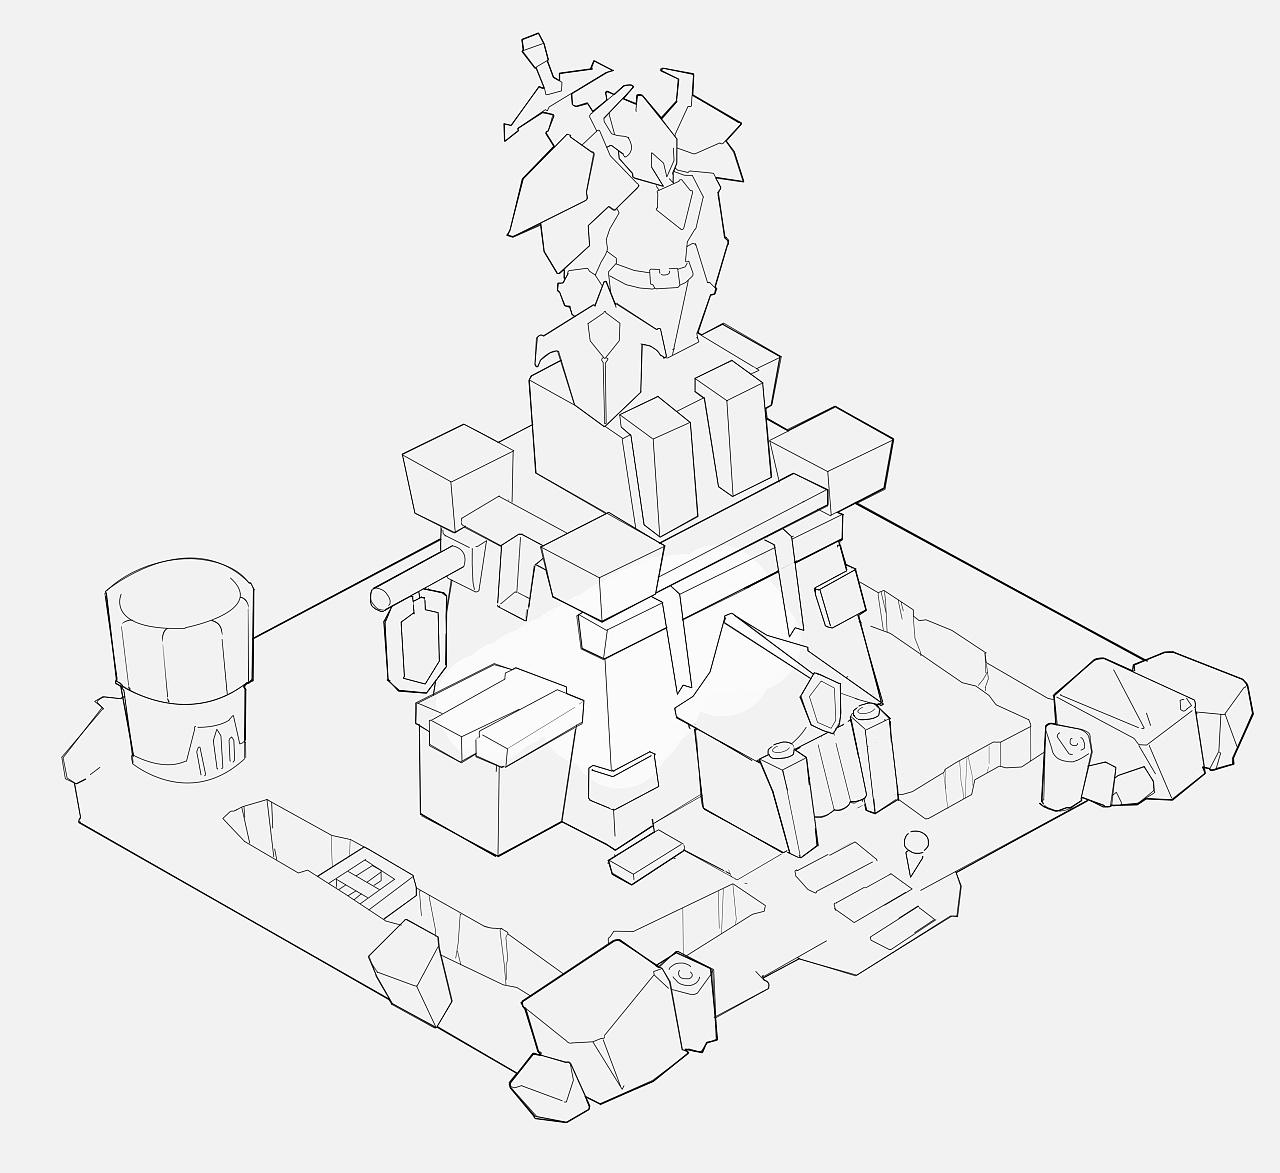 塔防游戏单体建筑设计线稿